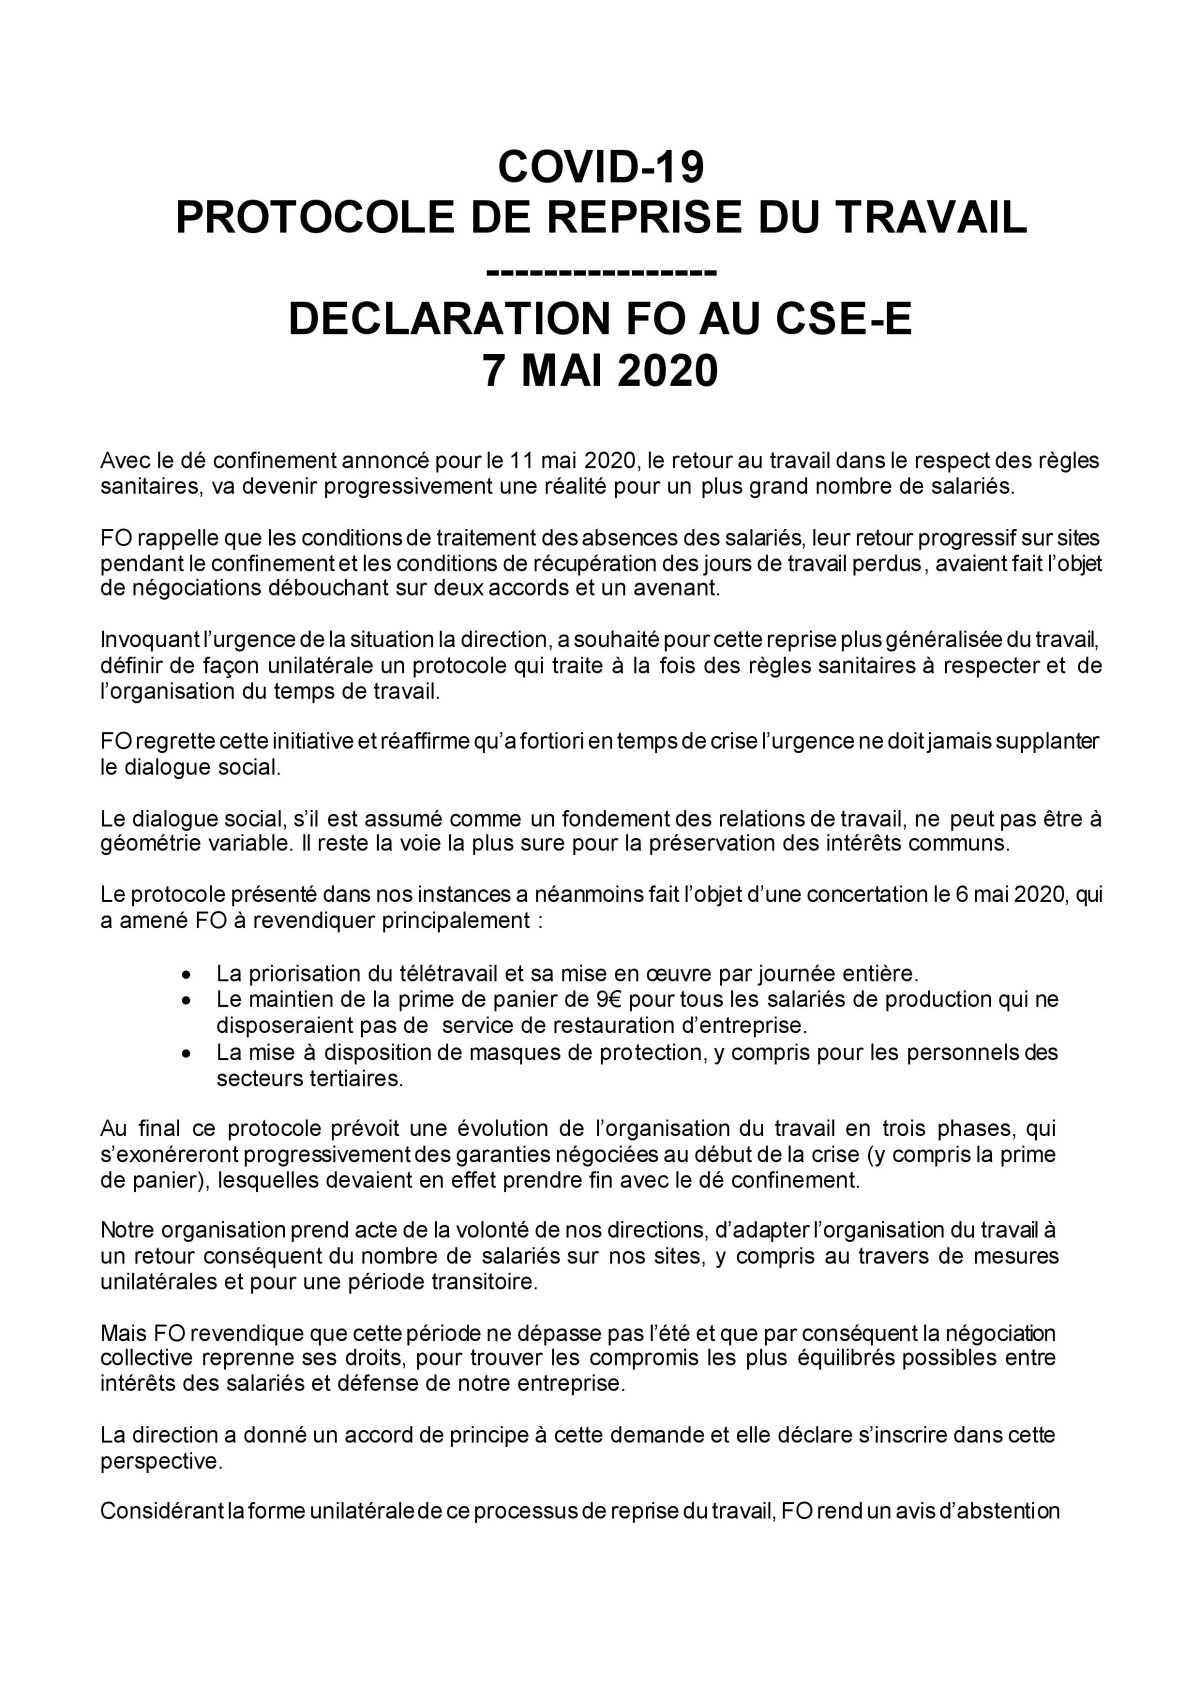 Déclaration au CSE du 7 mai 2020